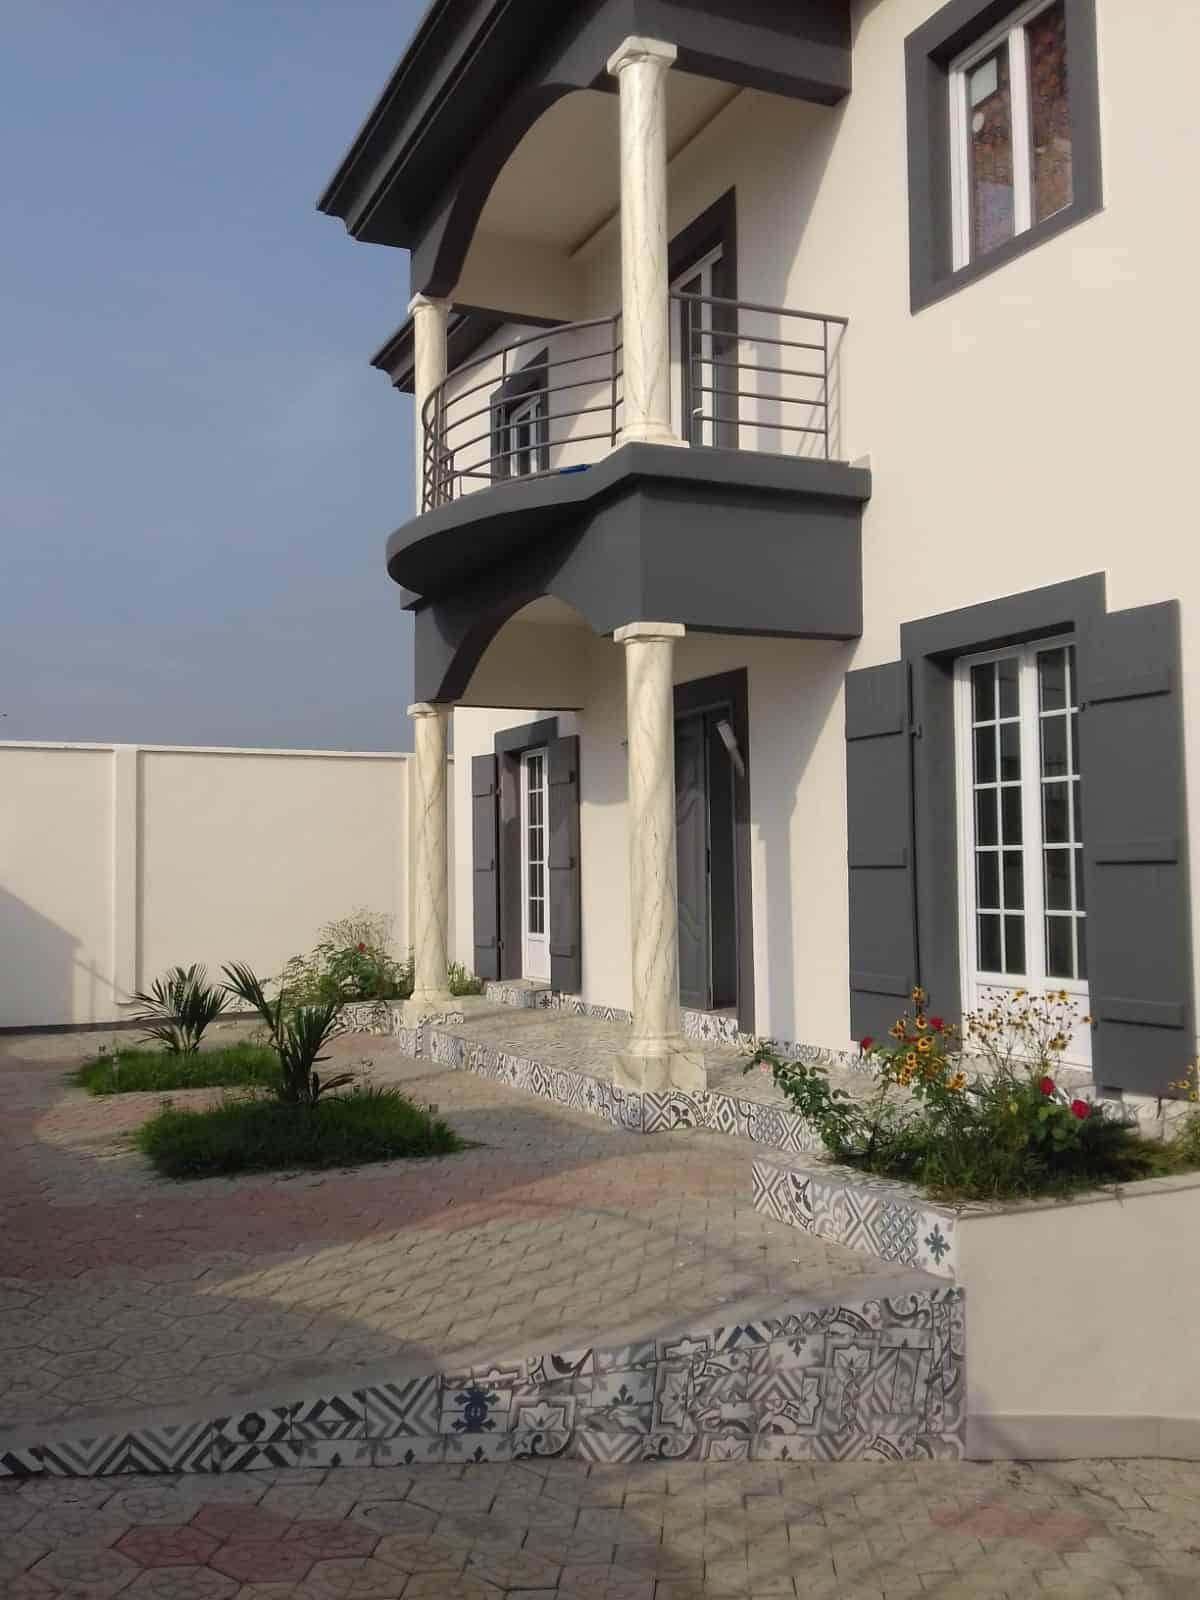 Maison (Duplex) à vendre - Douala, Yassa, Ver pariso - 2 salon(s), 4 chambre(s), 4 salle(s) de bains - 150 000 000 FCFA